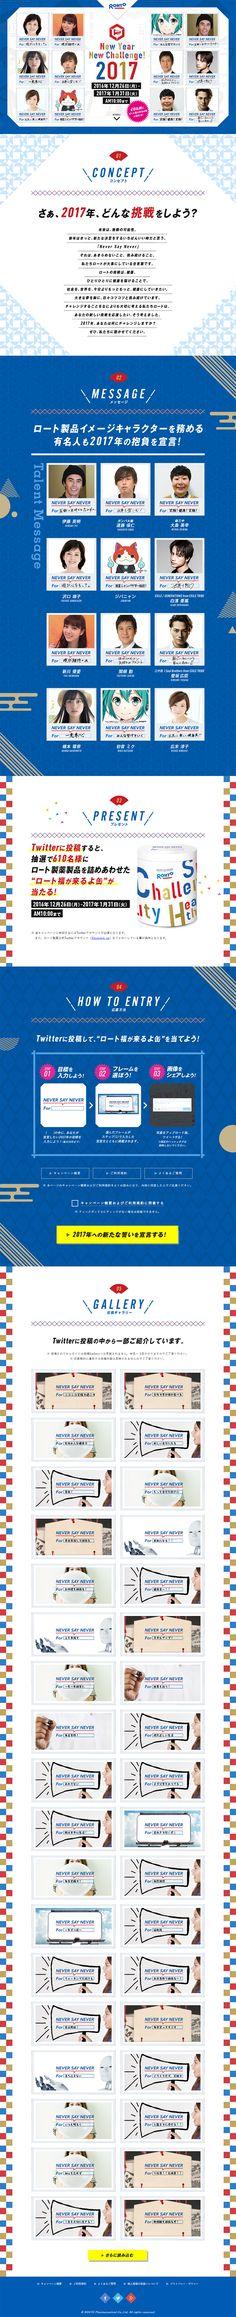 New Year New Challenge!2017【サービス関連】のLPデザイン。WEBデザイナーさん必見!ランディングページのデザイン参考に(にぎやか系)